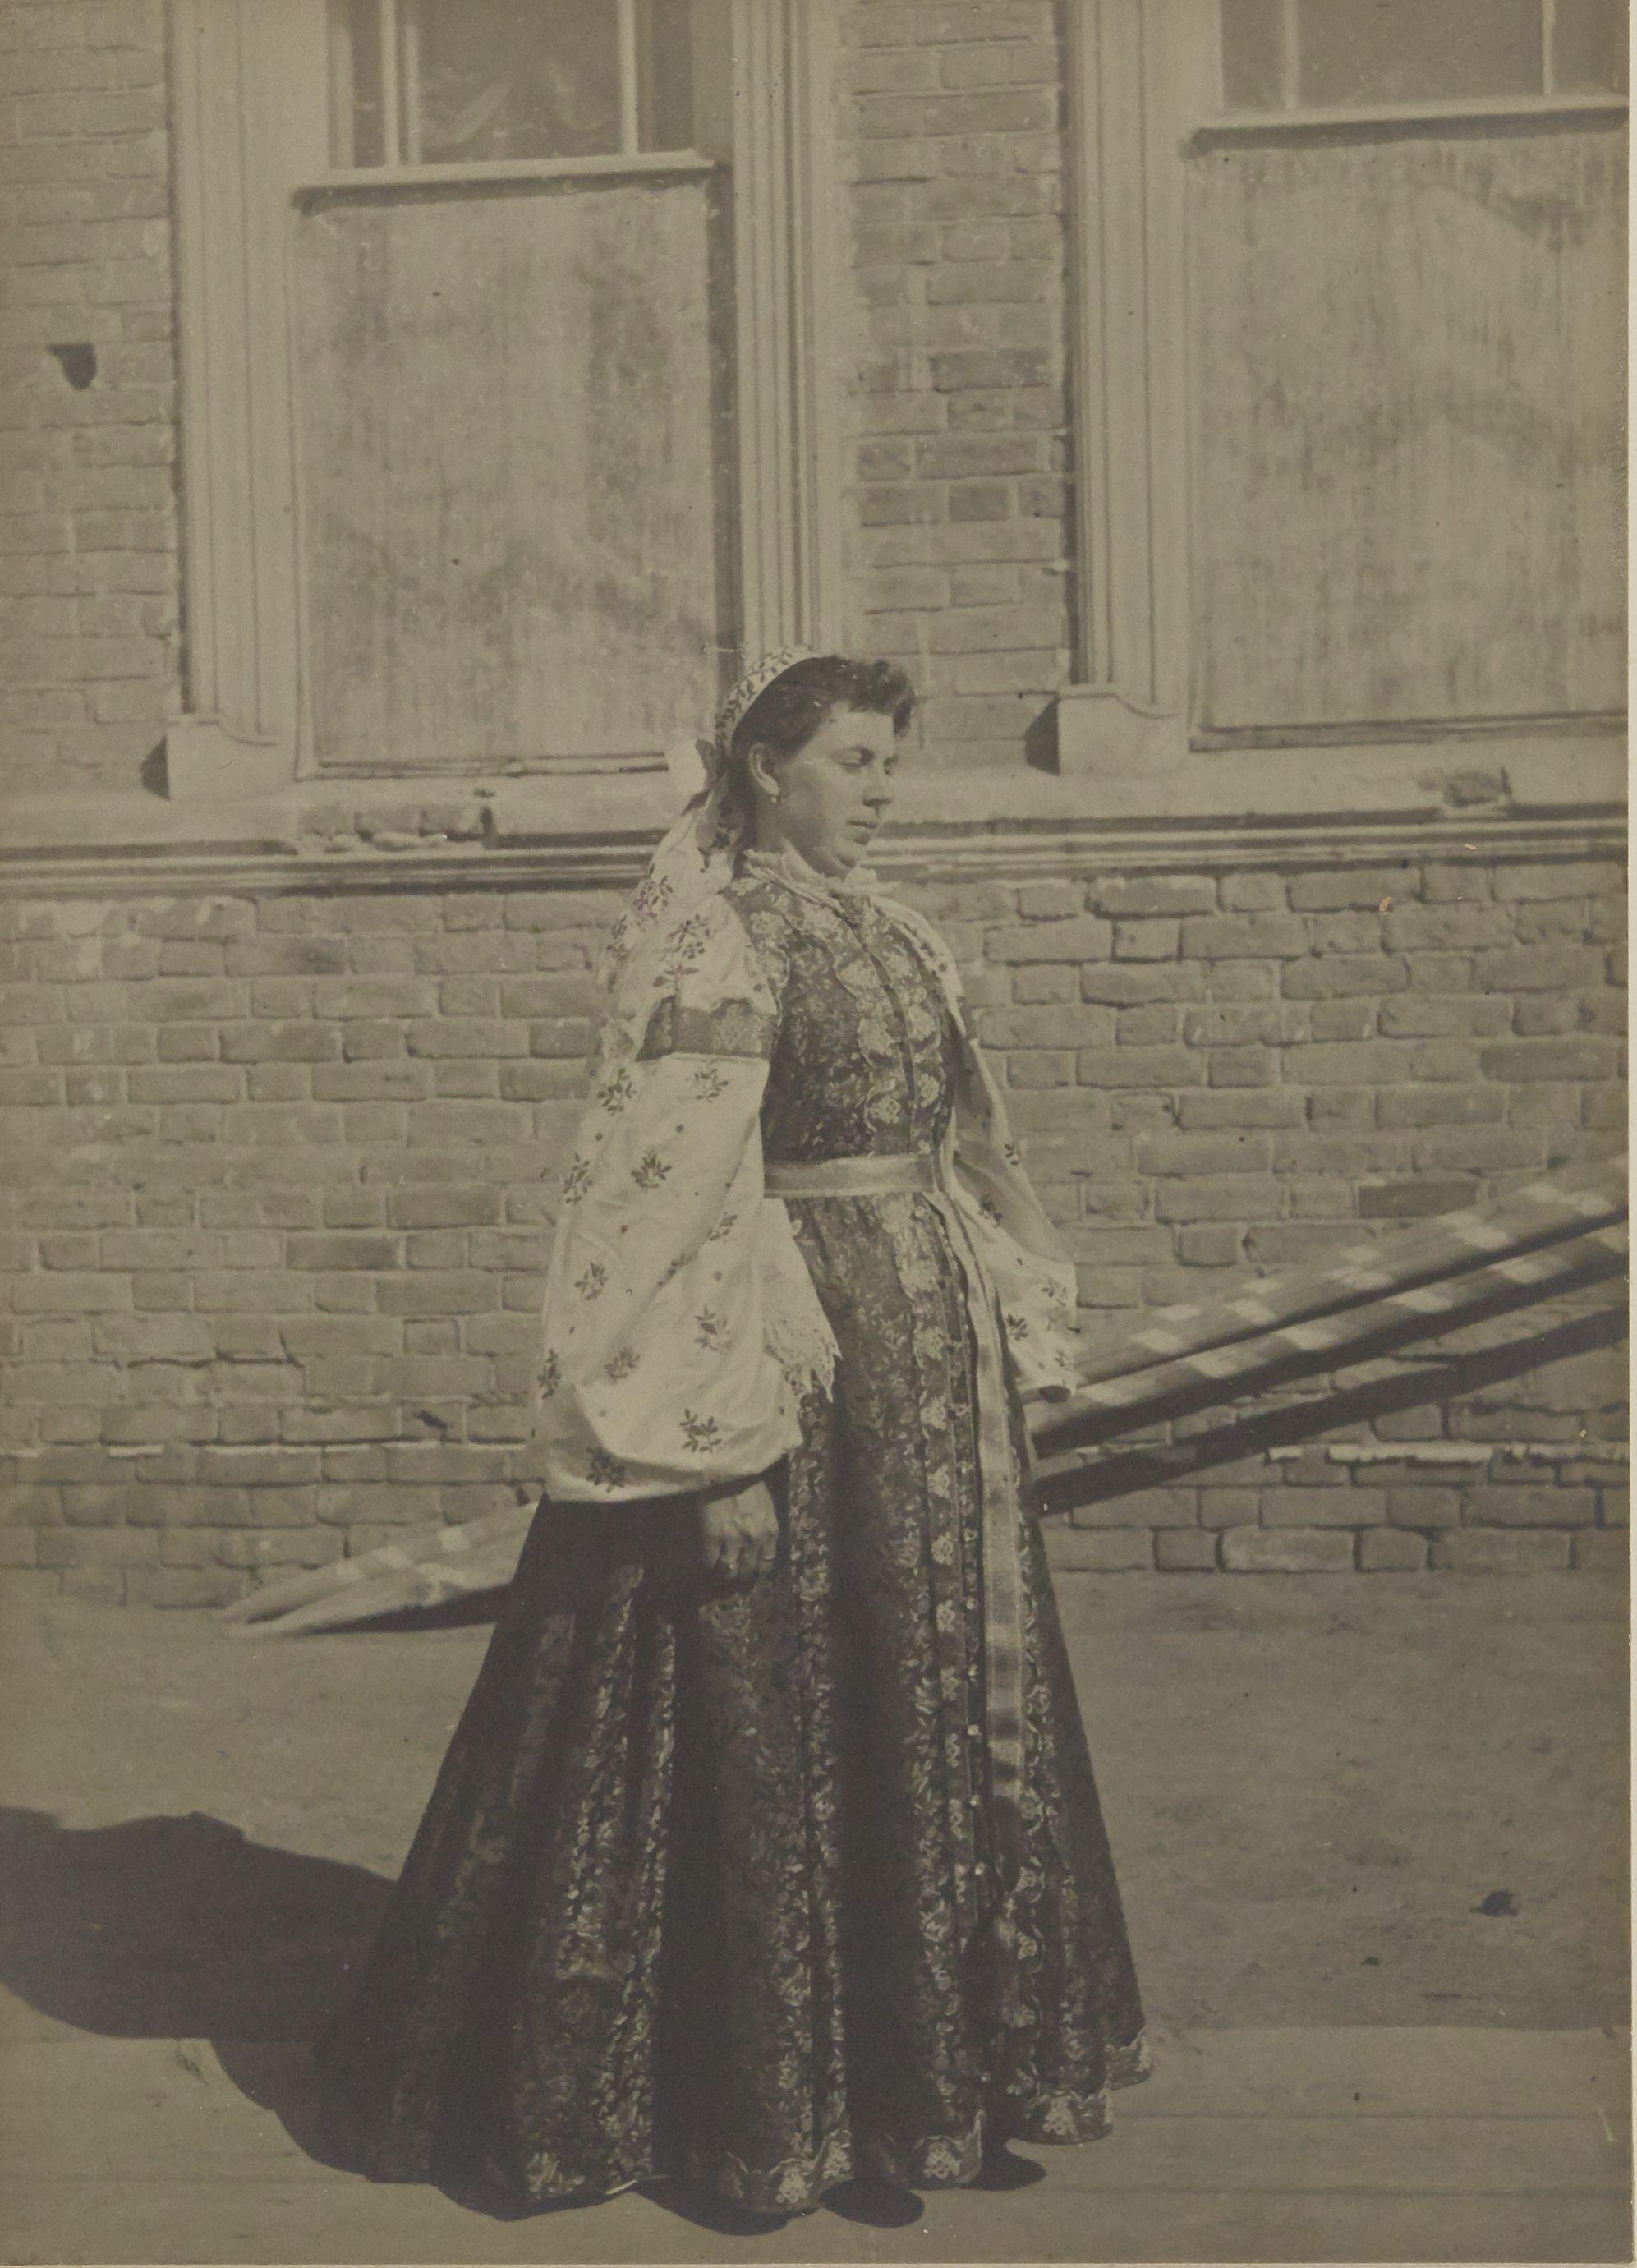 Уральск. Традиционная одежда женщин казаков